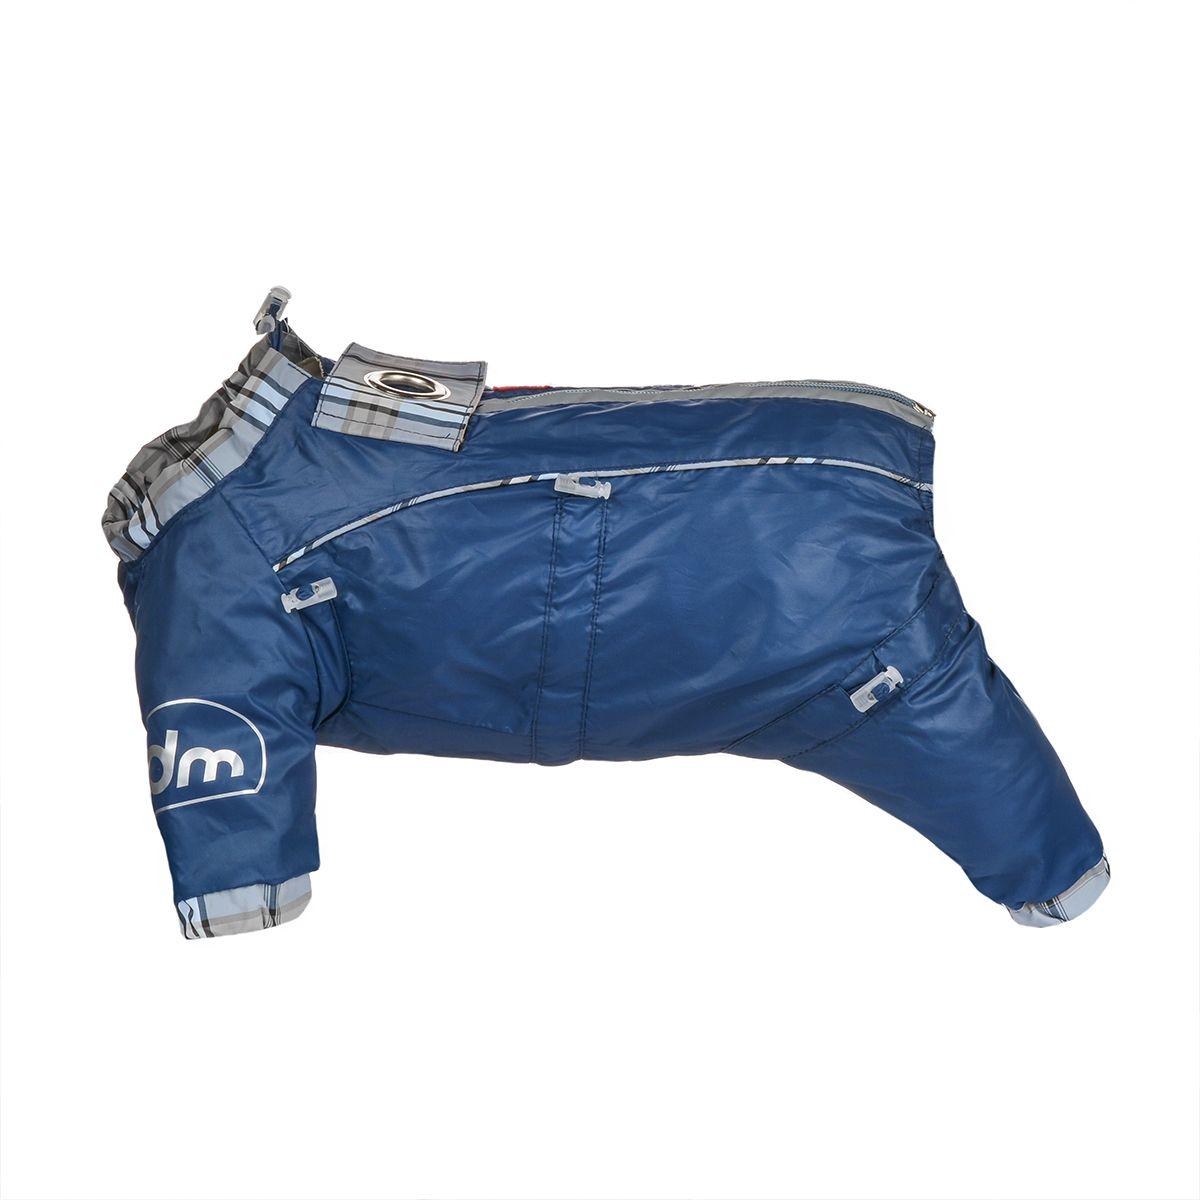 Комбинезон для собак Dogmoda Doggs, для мальчика, цвет: темно-синий. Размер XLDM-140520Комбинезон для собак Dogmoda Doggs отлично подойдет для прогулок в ветреную погоду. Комбинезон изготовлен из полиэстера, защищающего от ветра и осадков, с подкладкой из вискозы, которая обеспечит отличный воздухообмен. Комбинезон застегивается на молнию и липучку, благодаря чему его легко надевать и снимать. Молния снабжена светоотражающими элементами. Низ рукавов и брючин оснащен внутренними резинками, которые мягко обхватывают лапки, не позволяя просачиваться холодному воздуху. На вороте, пояснице и лапках комбинезон затягивается на шнурок-кулиску с затяжкой. Модель снабжена непромокаемым карманом для размещения записки с информацией о вашем питомце, на случай если он потеряется. Благодаря такому комбинезону простуда не грозит вашему питомцу и он не даст любимцу продрогнуть на прогулке.